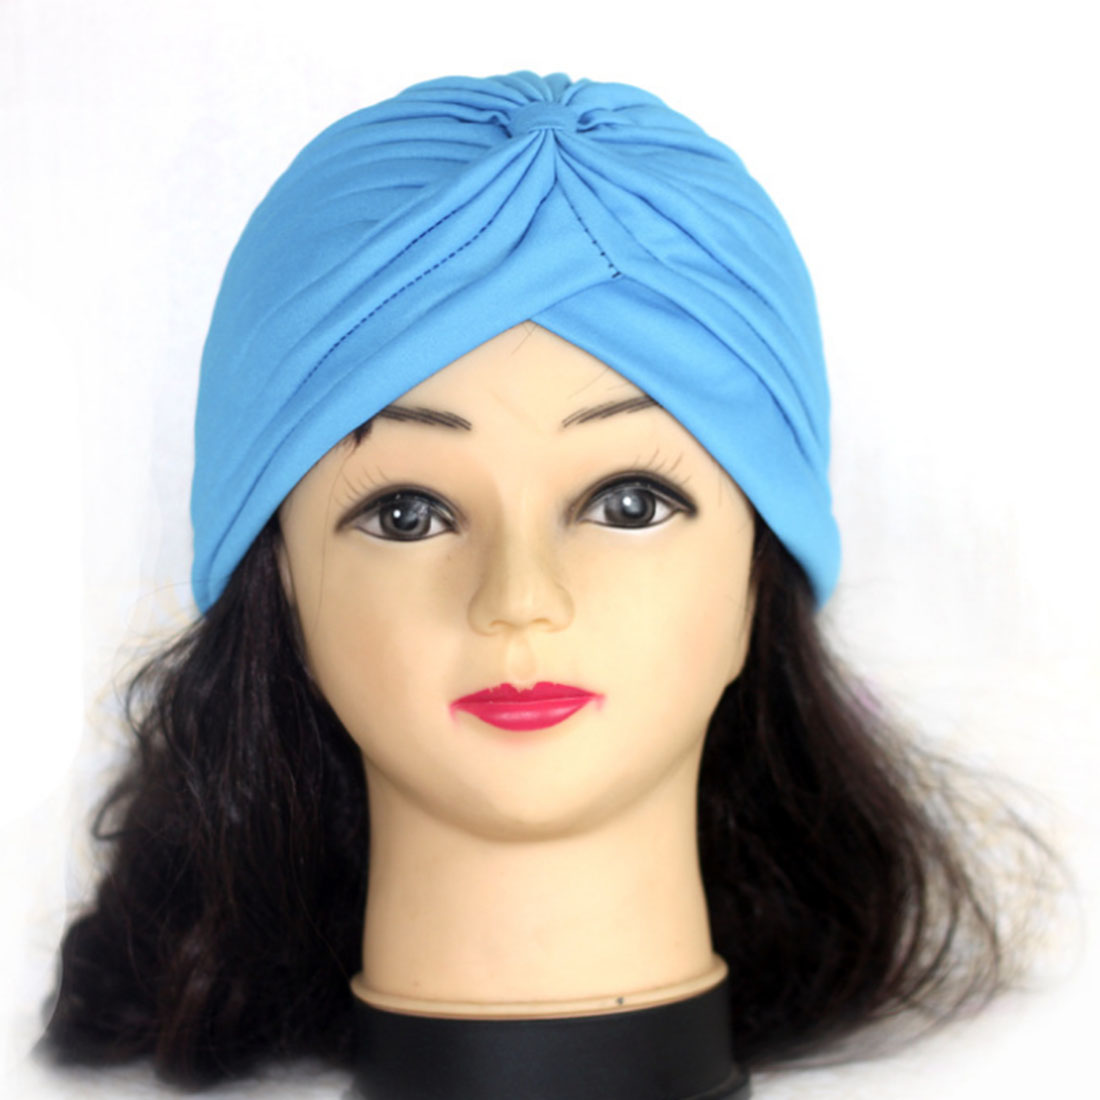 Хиджаб шарф тюрбан шапка s мусульманский головной платок Защита от солнца Кепка Женская хлопковая мусульманская многофункциональная тюрбан платок femme musulman - Цвет: 9